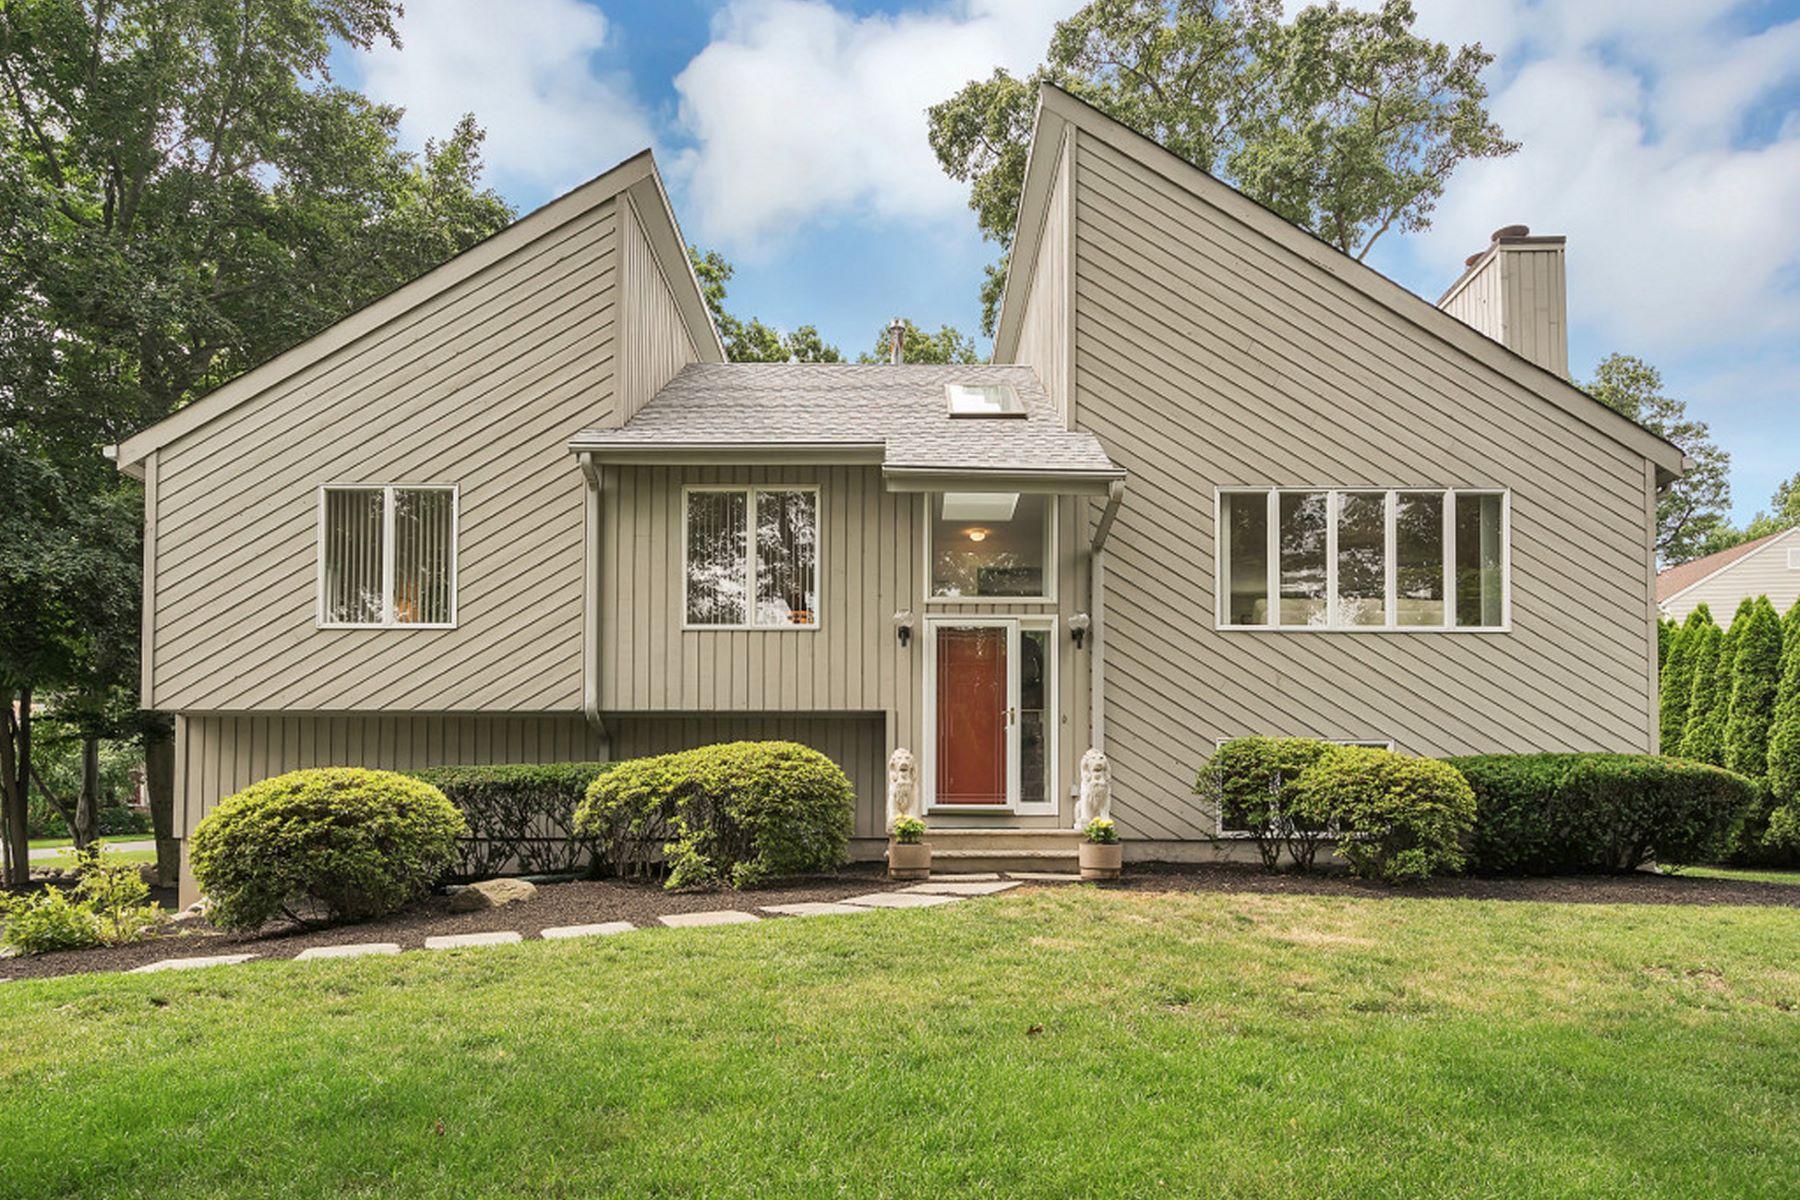 Maison unifamiliale pour l Vente à Pristine Contemporary Home On A Quiet No Through Street. 79 Yale Avenue Wyckoff, New Jersey, 07481 États-Unis